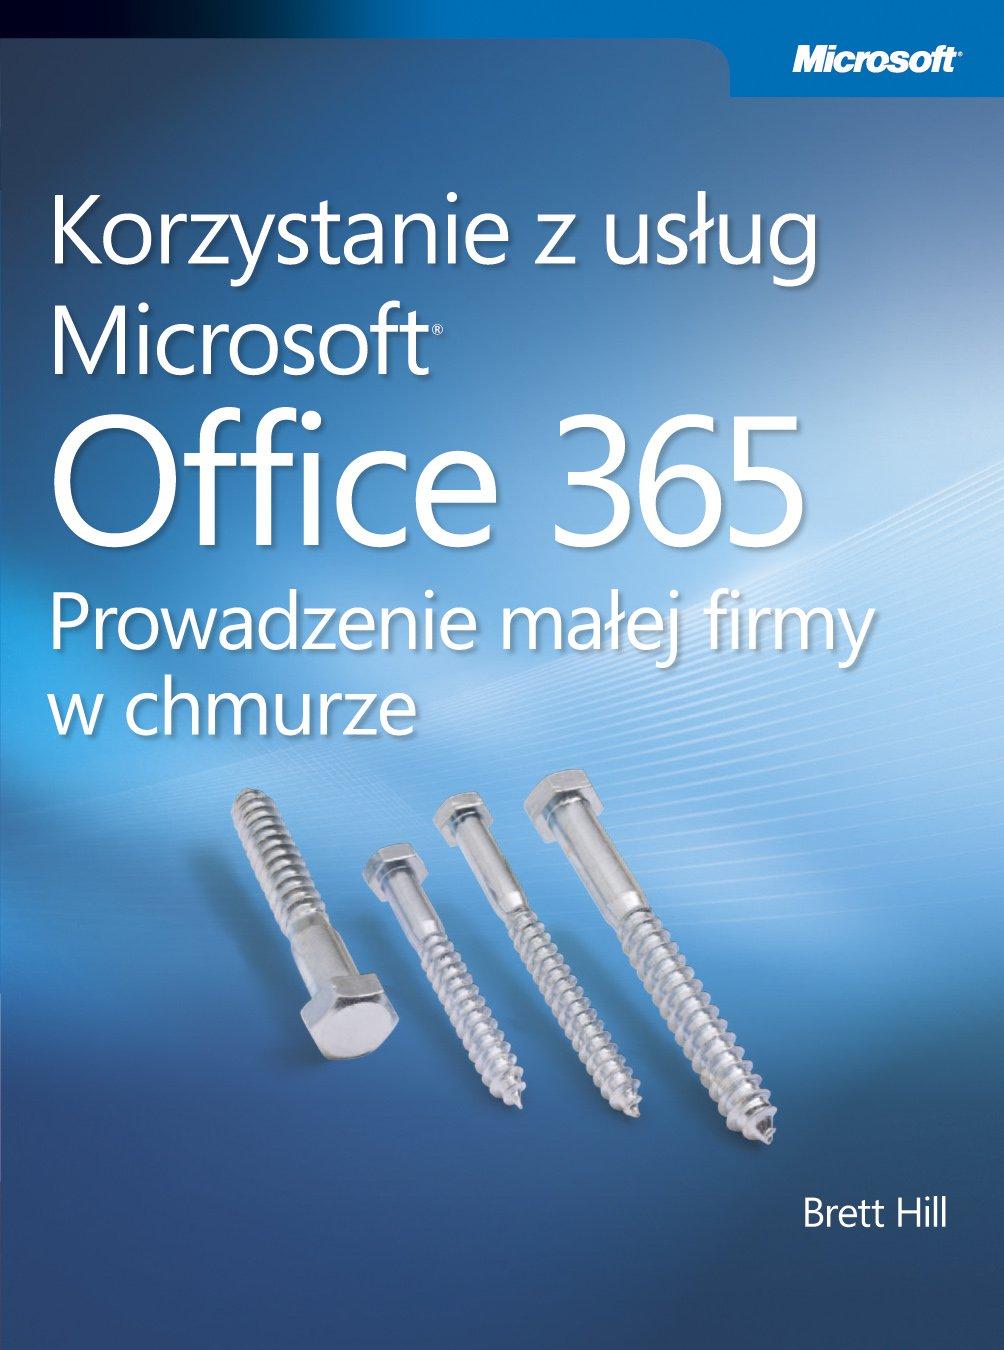 Korzystanie z usług Microsoft Office 365 Prowadzenie małej firmy w chmurze - Ebook (Książka PDF) do pobrania w formacie PDF